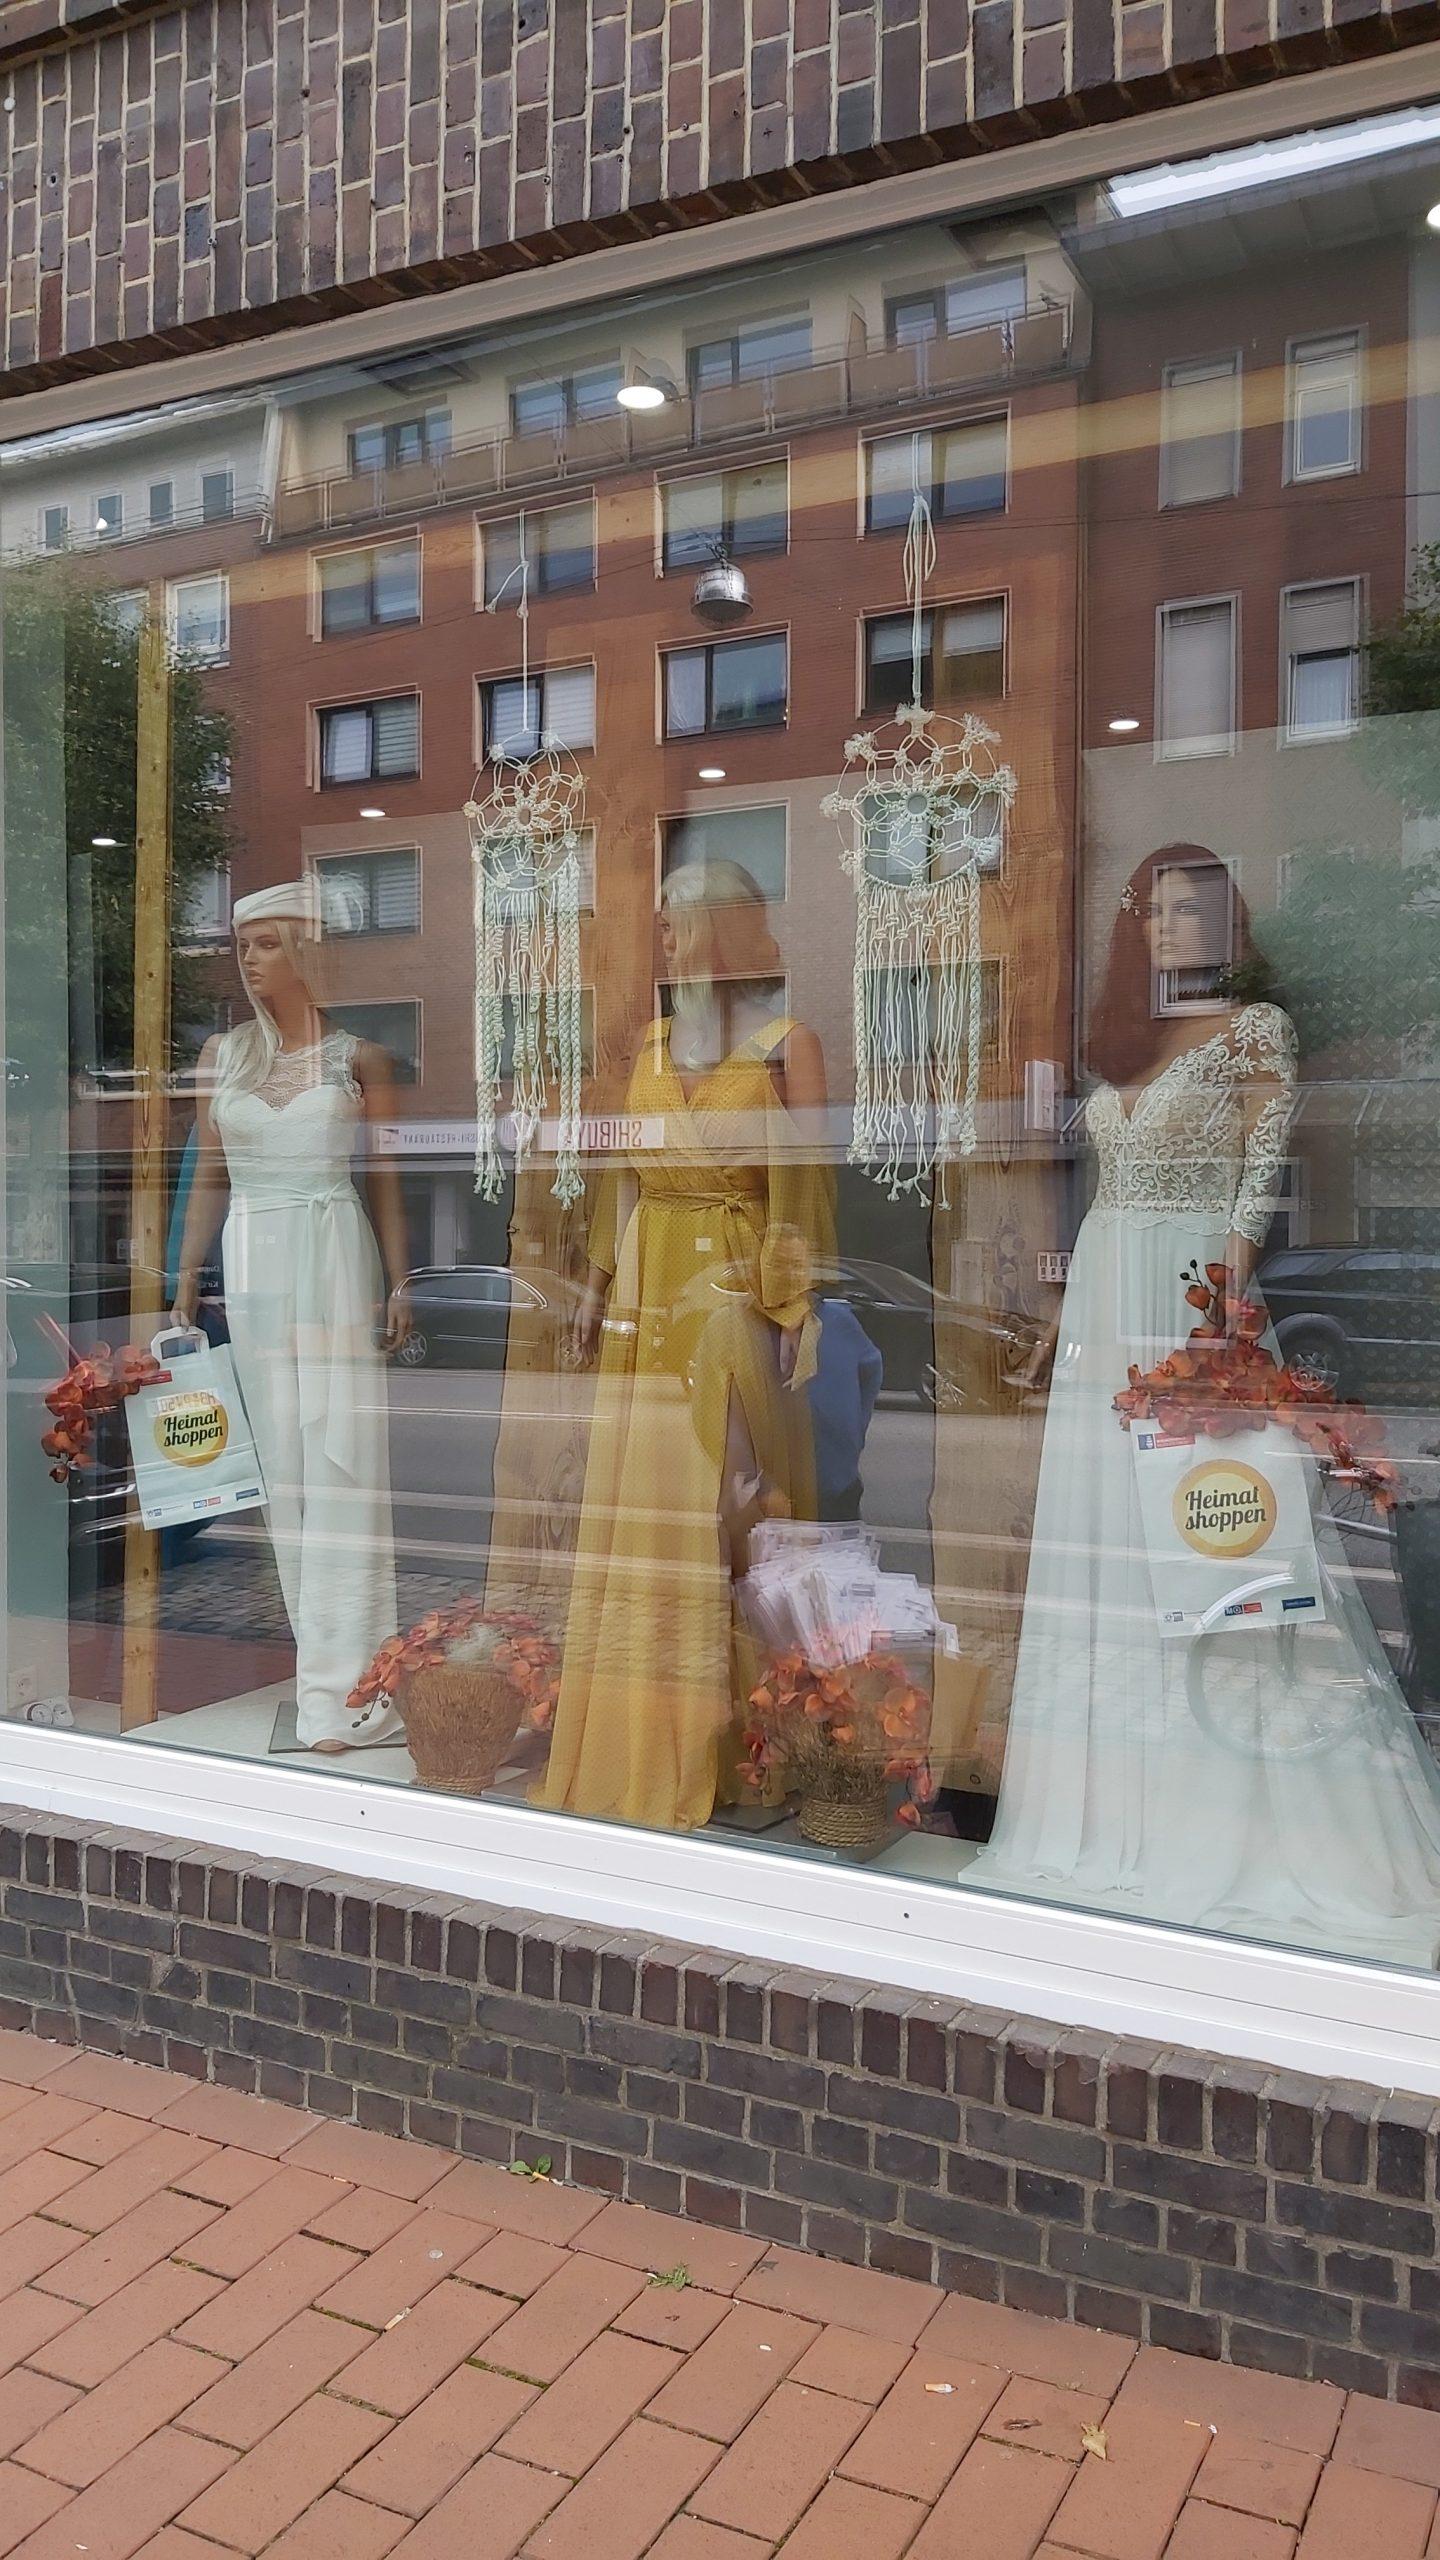 Heimat shoppen 2021 Fenster 1